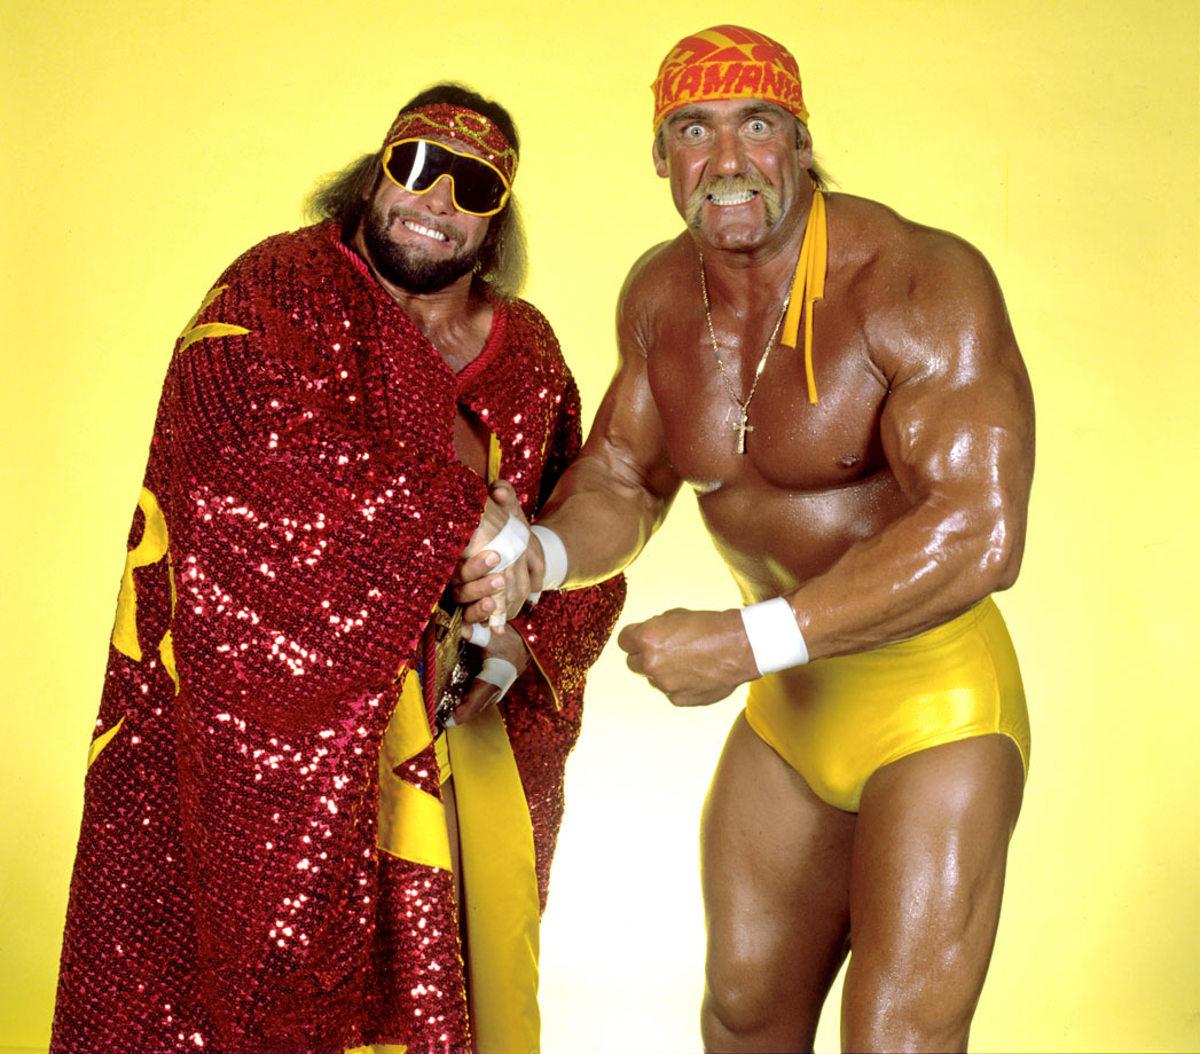 Mega-Powers-Macho-Man-Randy-Savage-Hulk-Hogan.jpg